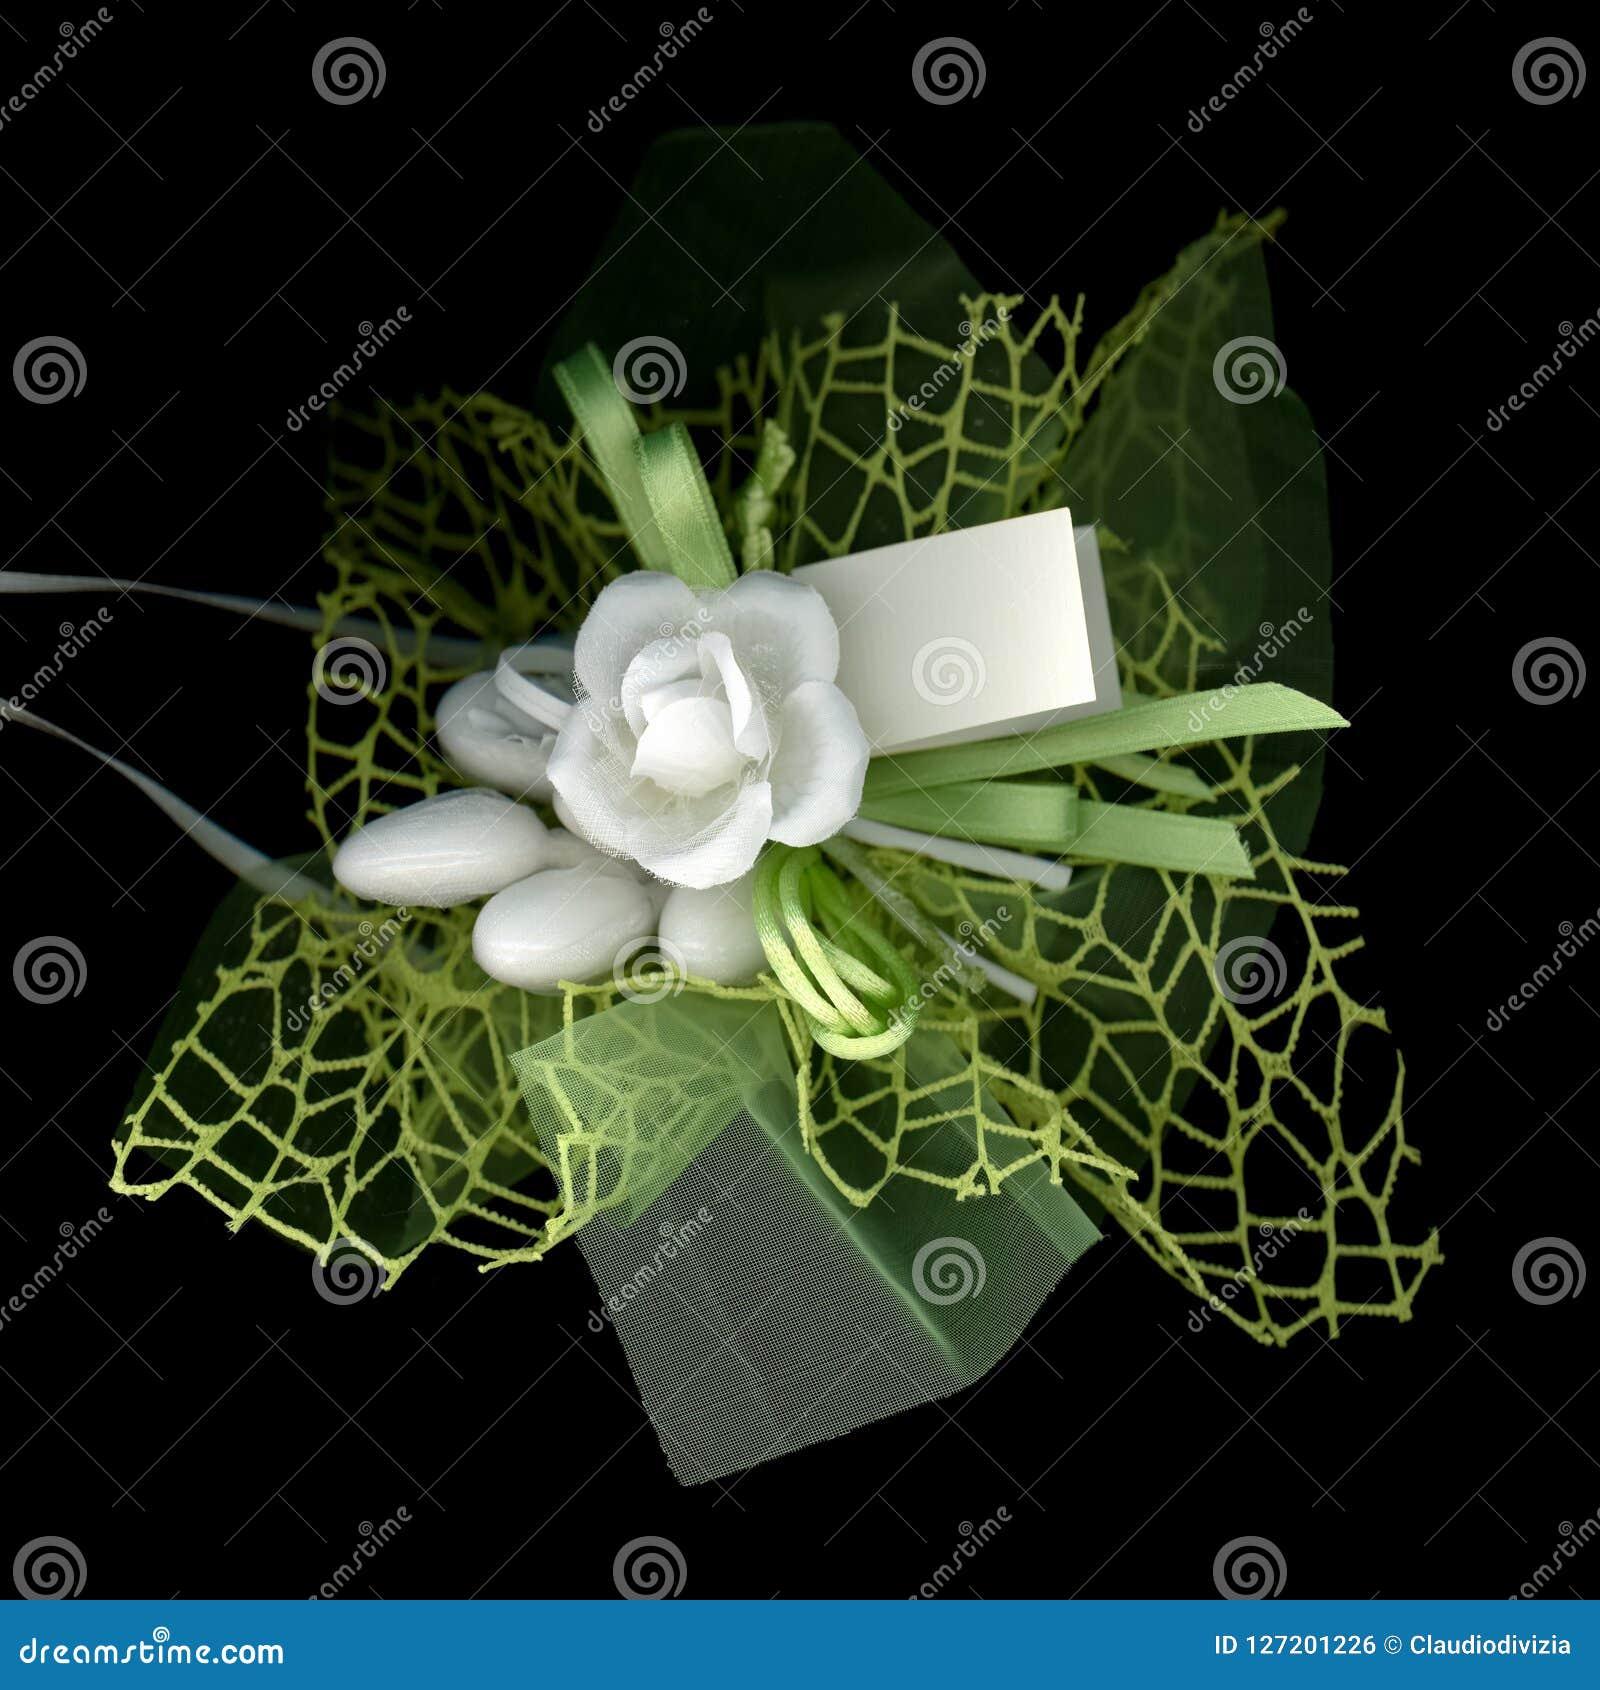 Εύνοια κόμματος bonbonniere για το γάμο, εκλεκτική εστίαση στο λουλούδι